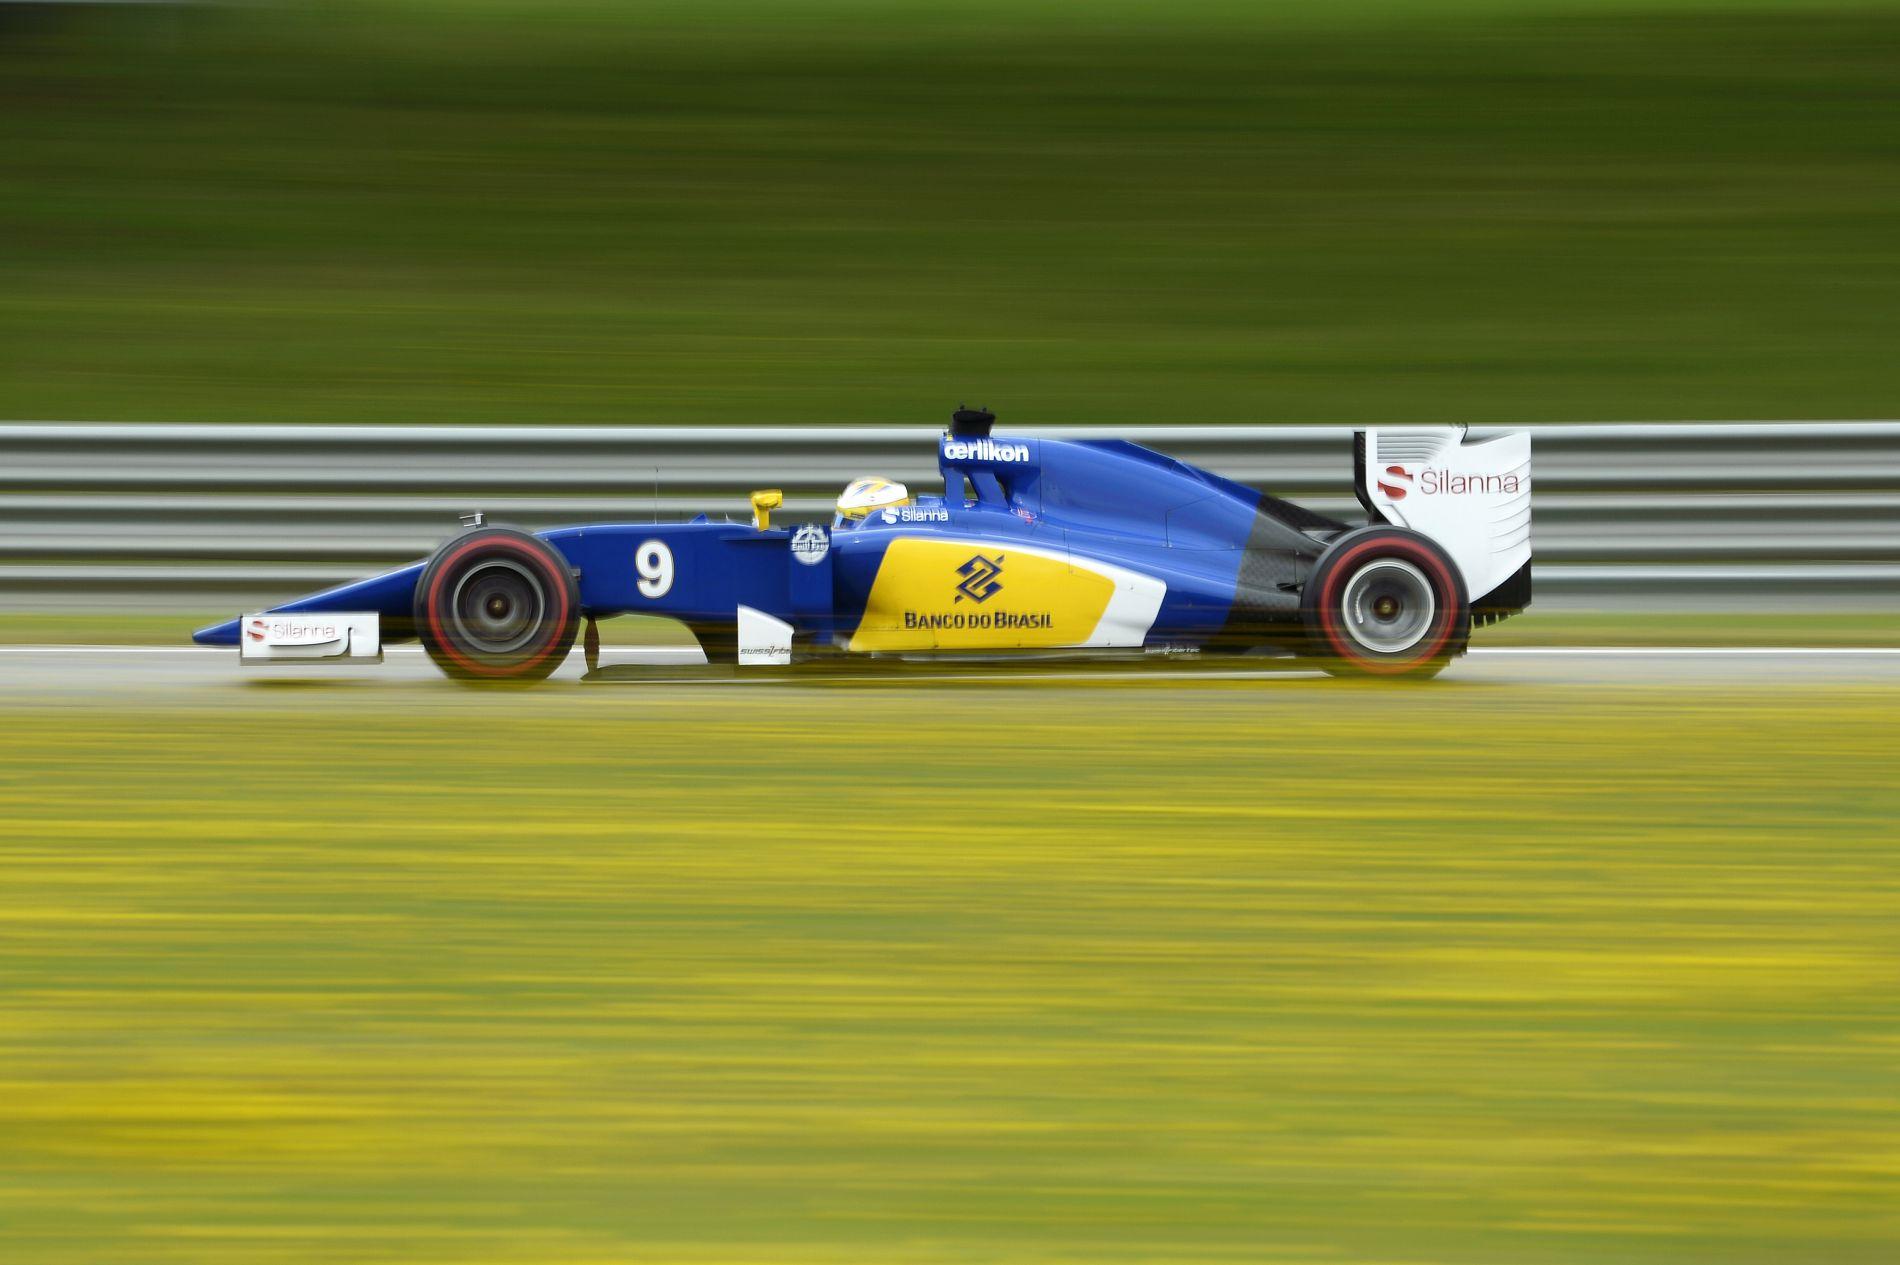 Dupla lökés a Saubernek Spában: megkapják a módosított Ferrari-motorokat